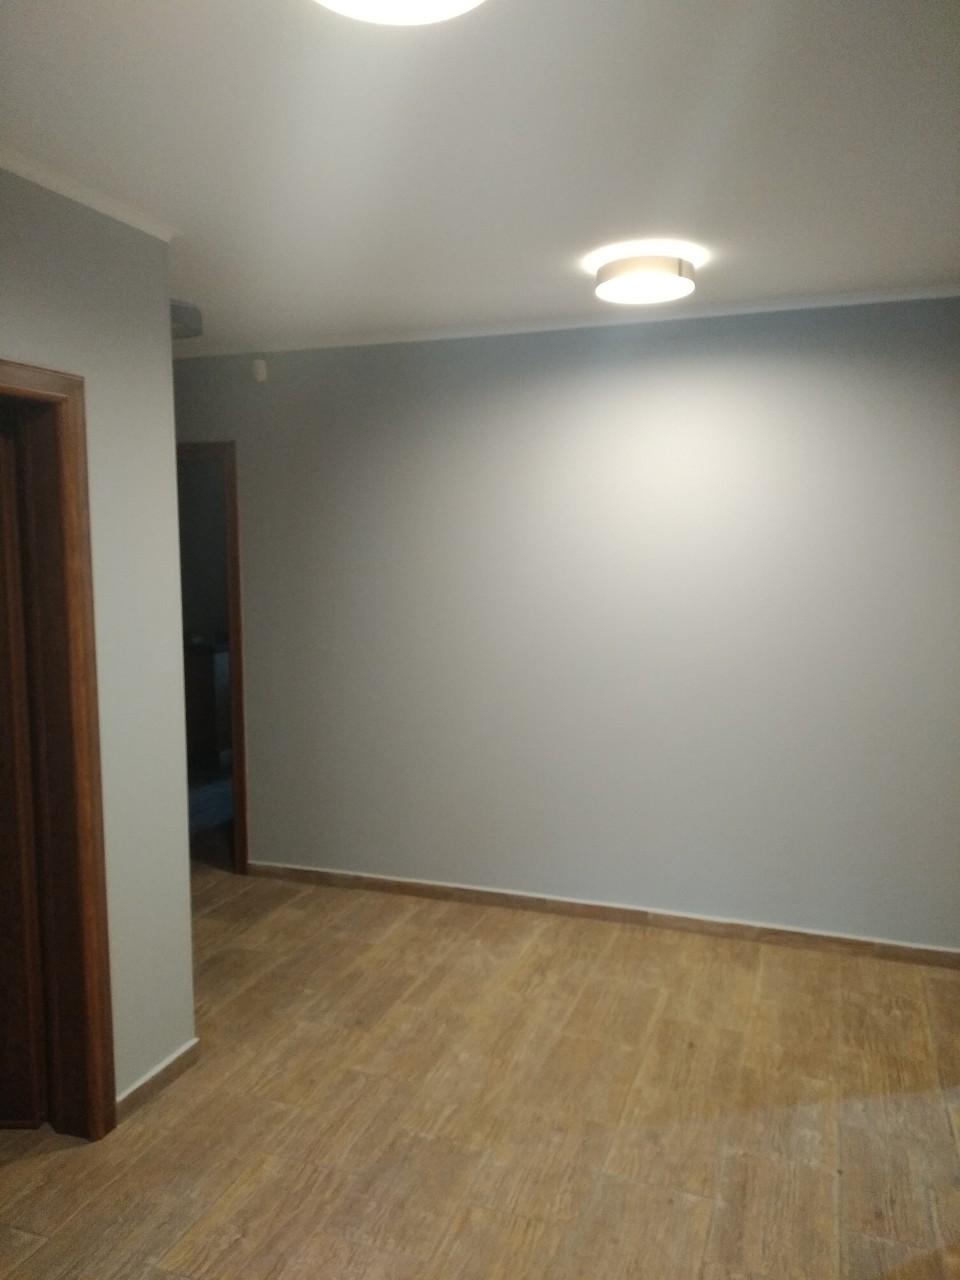 13 remont na nov tuhlen apartament remontirai.net